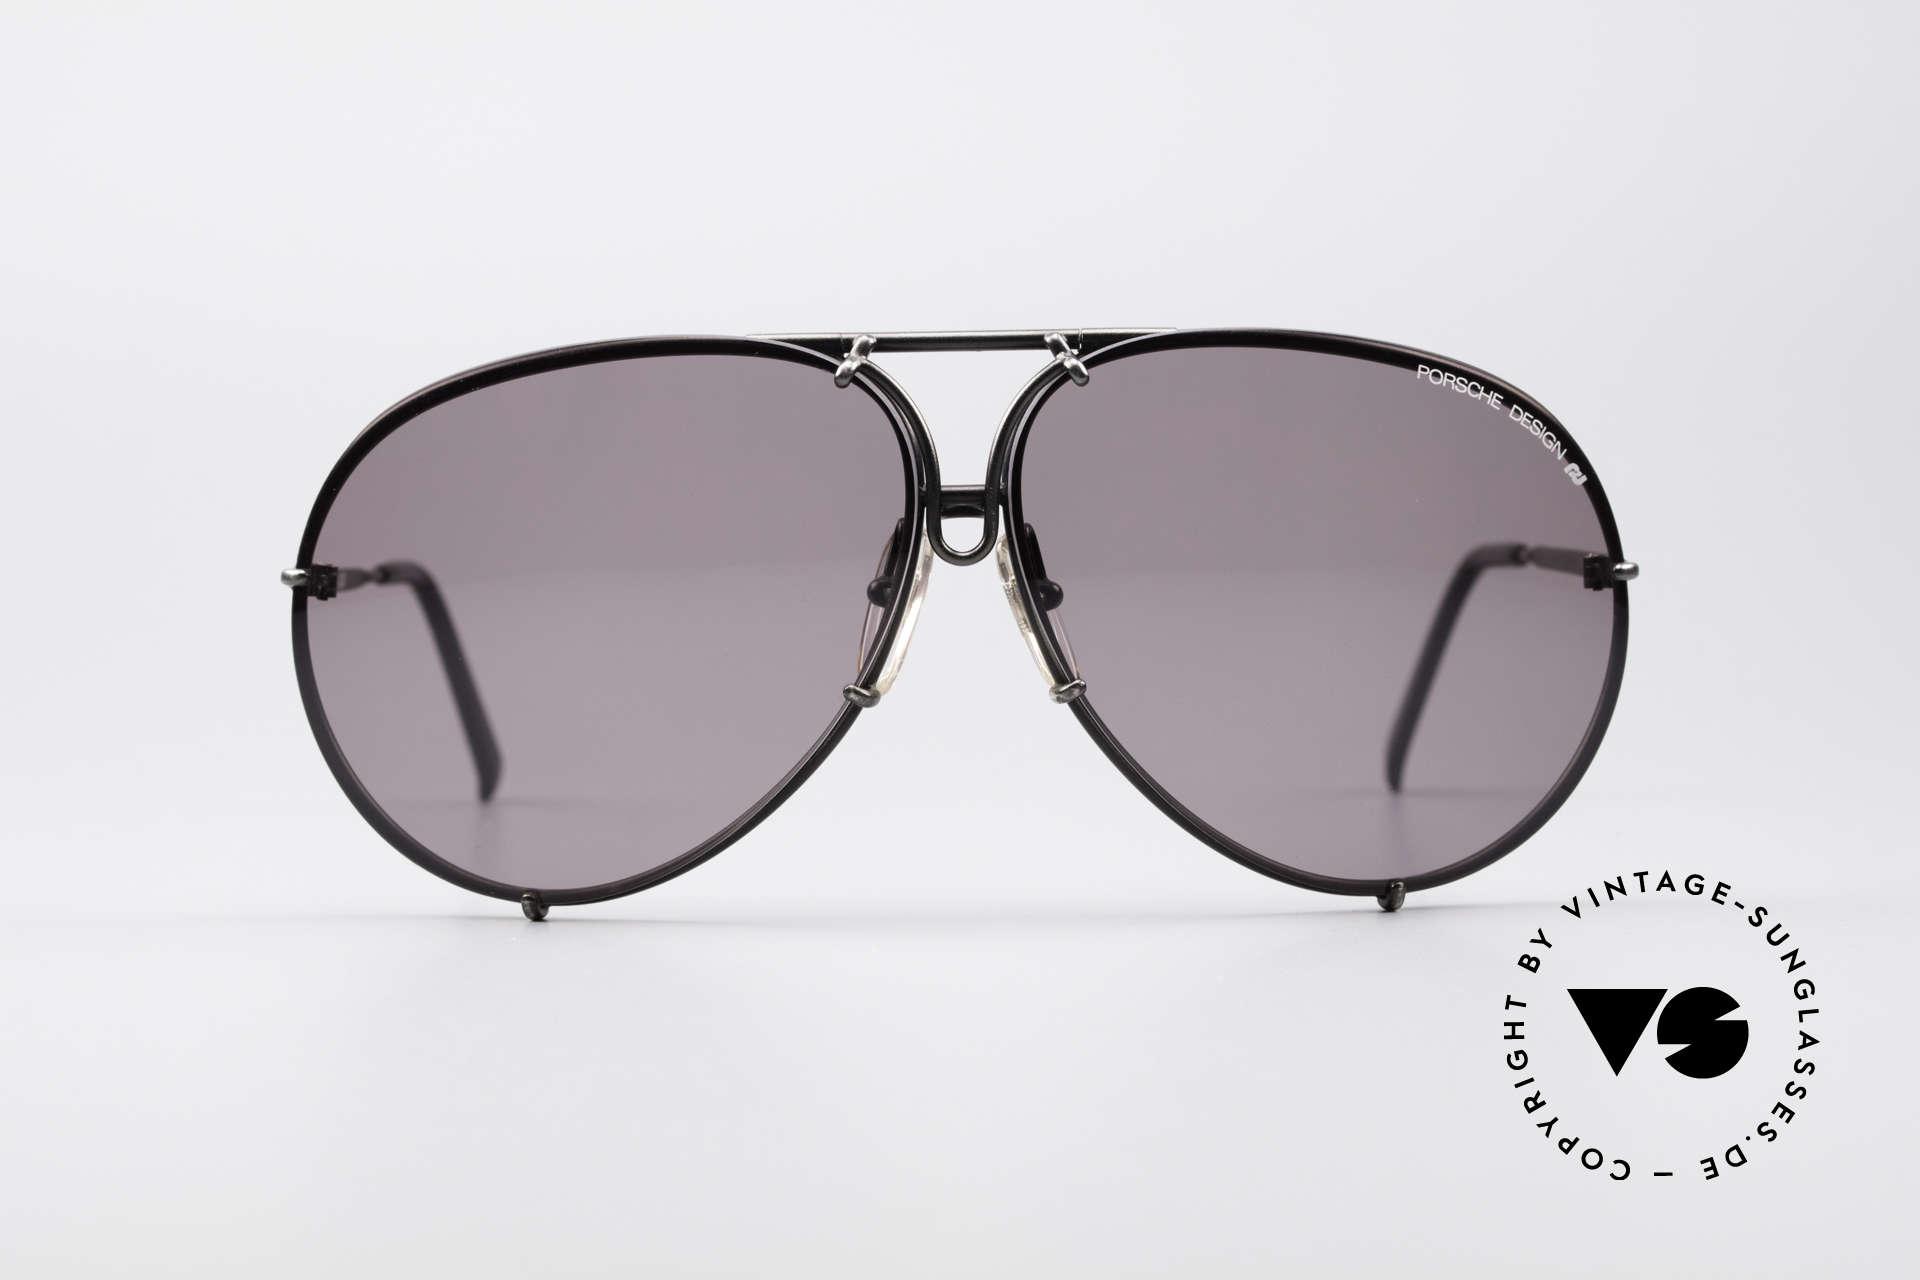 Porsche 5621 Seltene 80er XL Pilotenbrille, 2nd hand, jedoch in tollem Zustand, echt VINTAGE, Passend für Herren